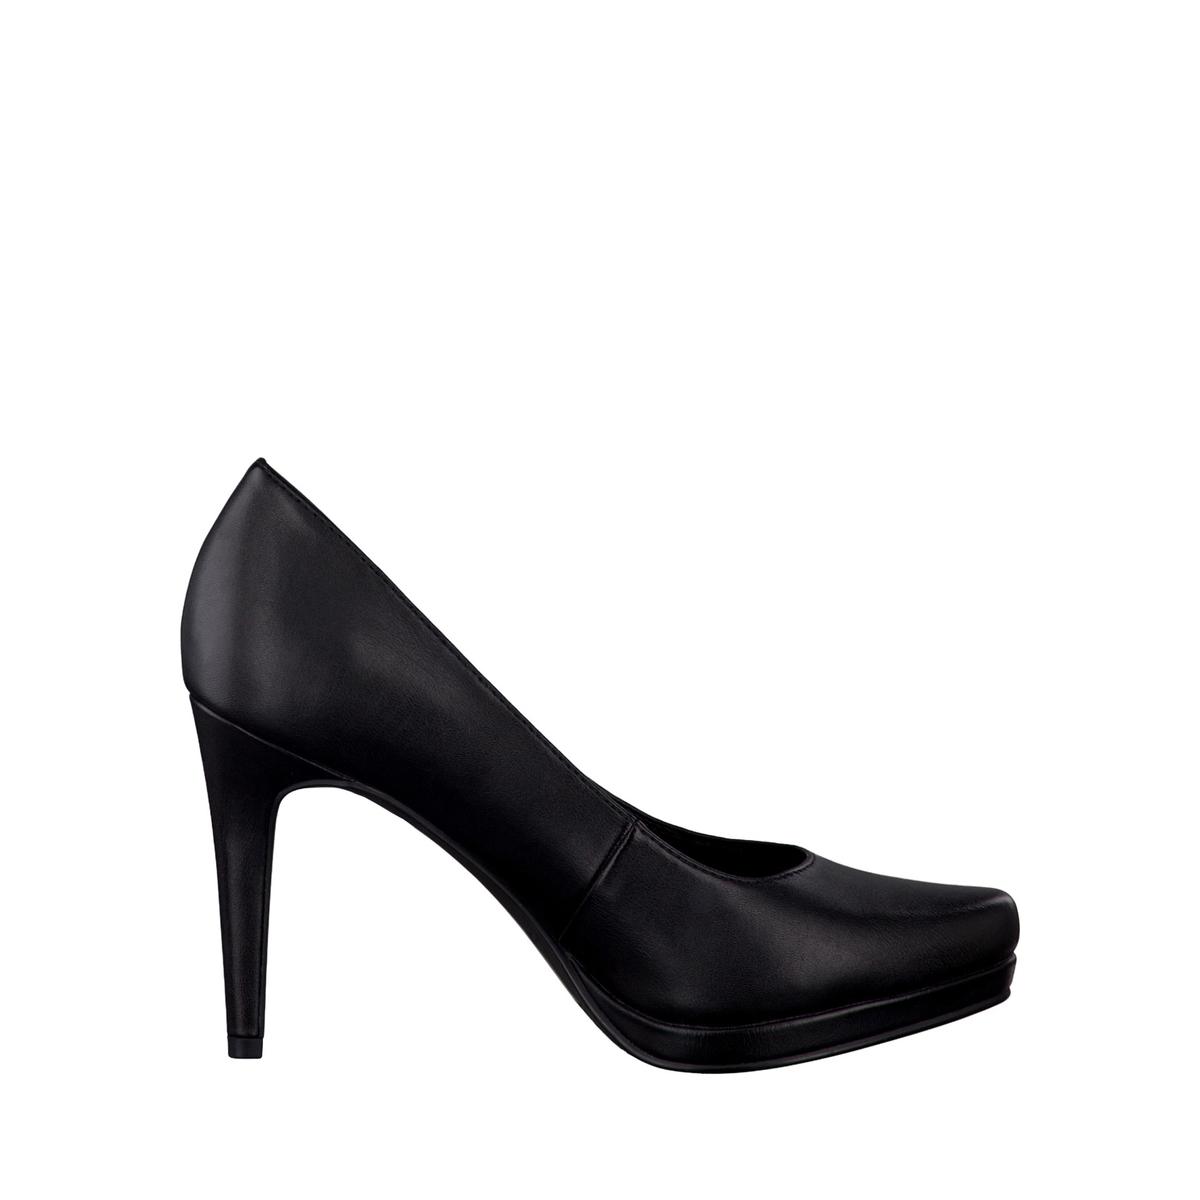 Туфли на шпильке  22448-37Верх/Голенище : синтетика  Подкладка : Текстиль  Стелька : синтетика  Подошва : синтетика  Высота каблука : 9,5 см.  Форма каблука : шпилька.  Мысок : закругленный.  Застежка : без застежки<br><br>Цвет: черный